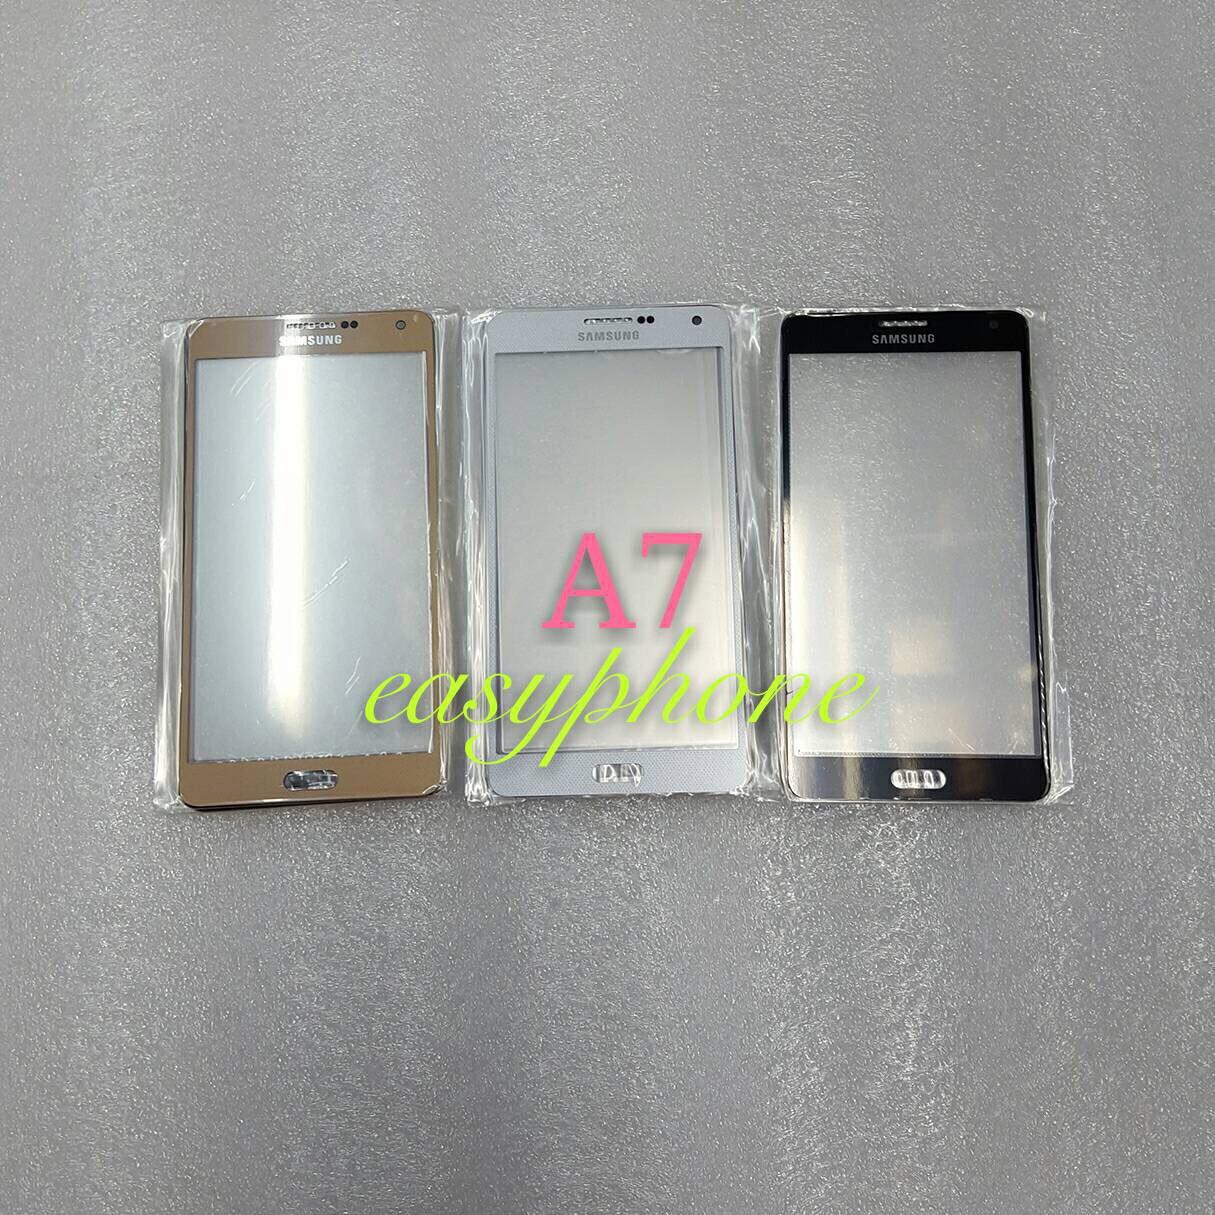 แผ่นกระจกหน้าจอ Galaxy A7 สีขาว//สีดำ//สีทอง